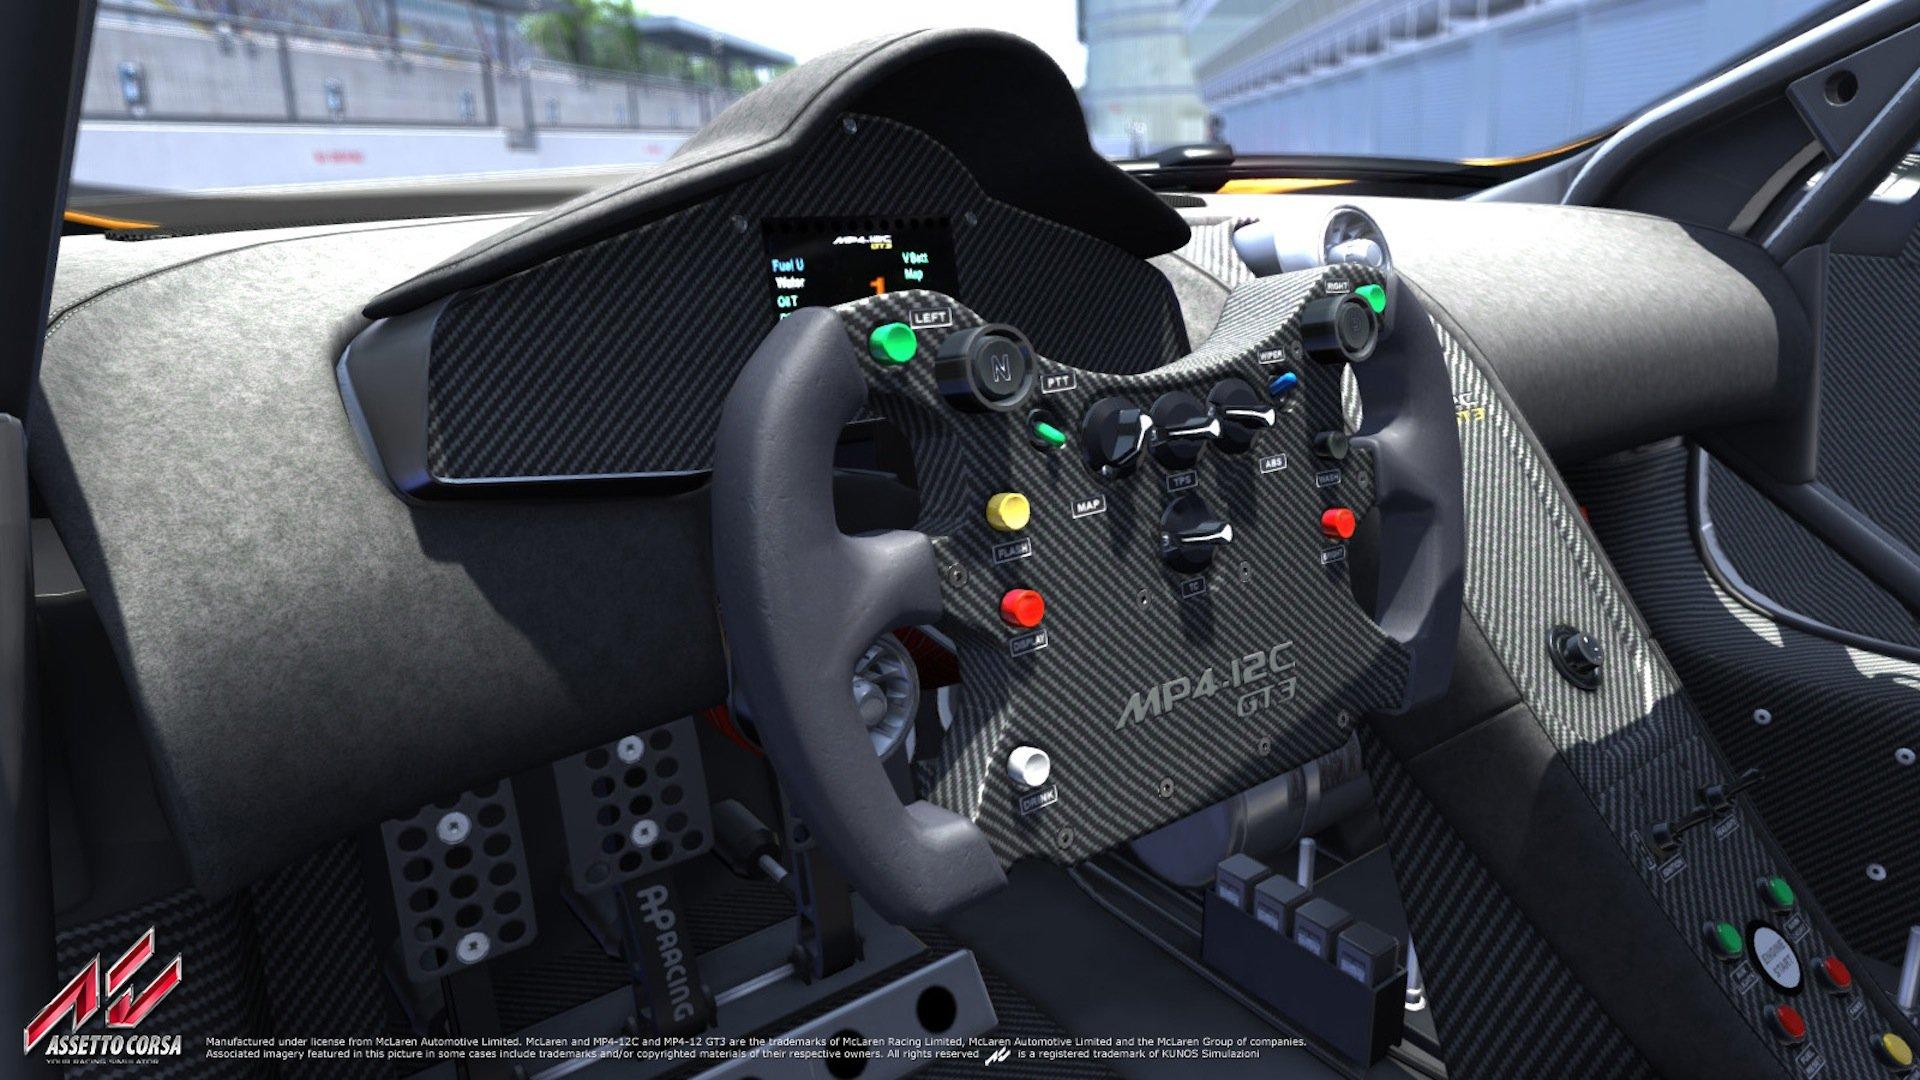 Assetto Corsa Update 0 6 5 Arrives Featuring Mclaren Mp4